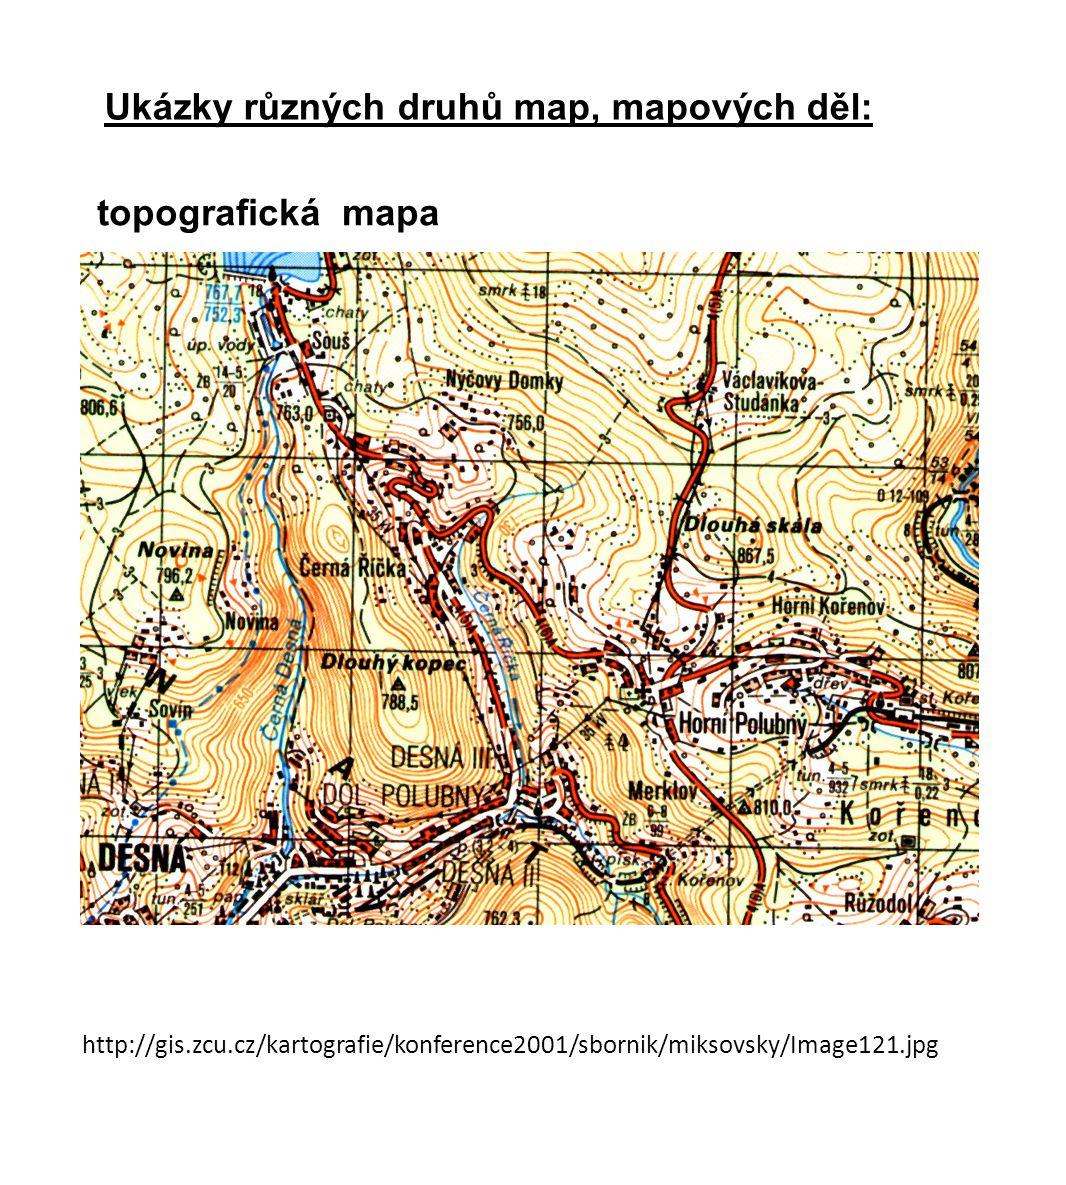 Ukázky různých druhů map, mapových děl: